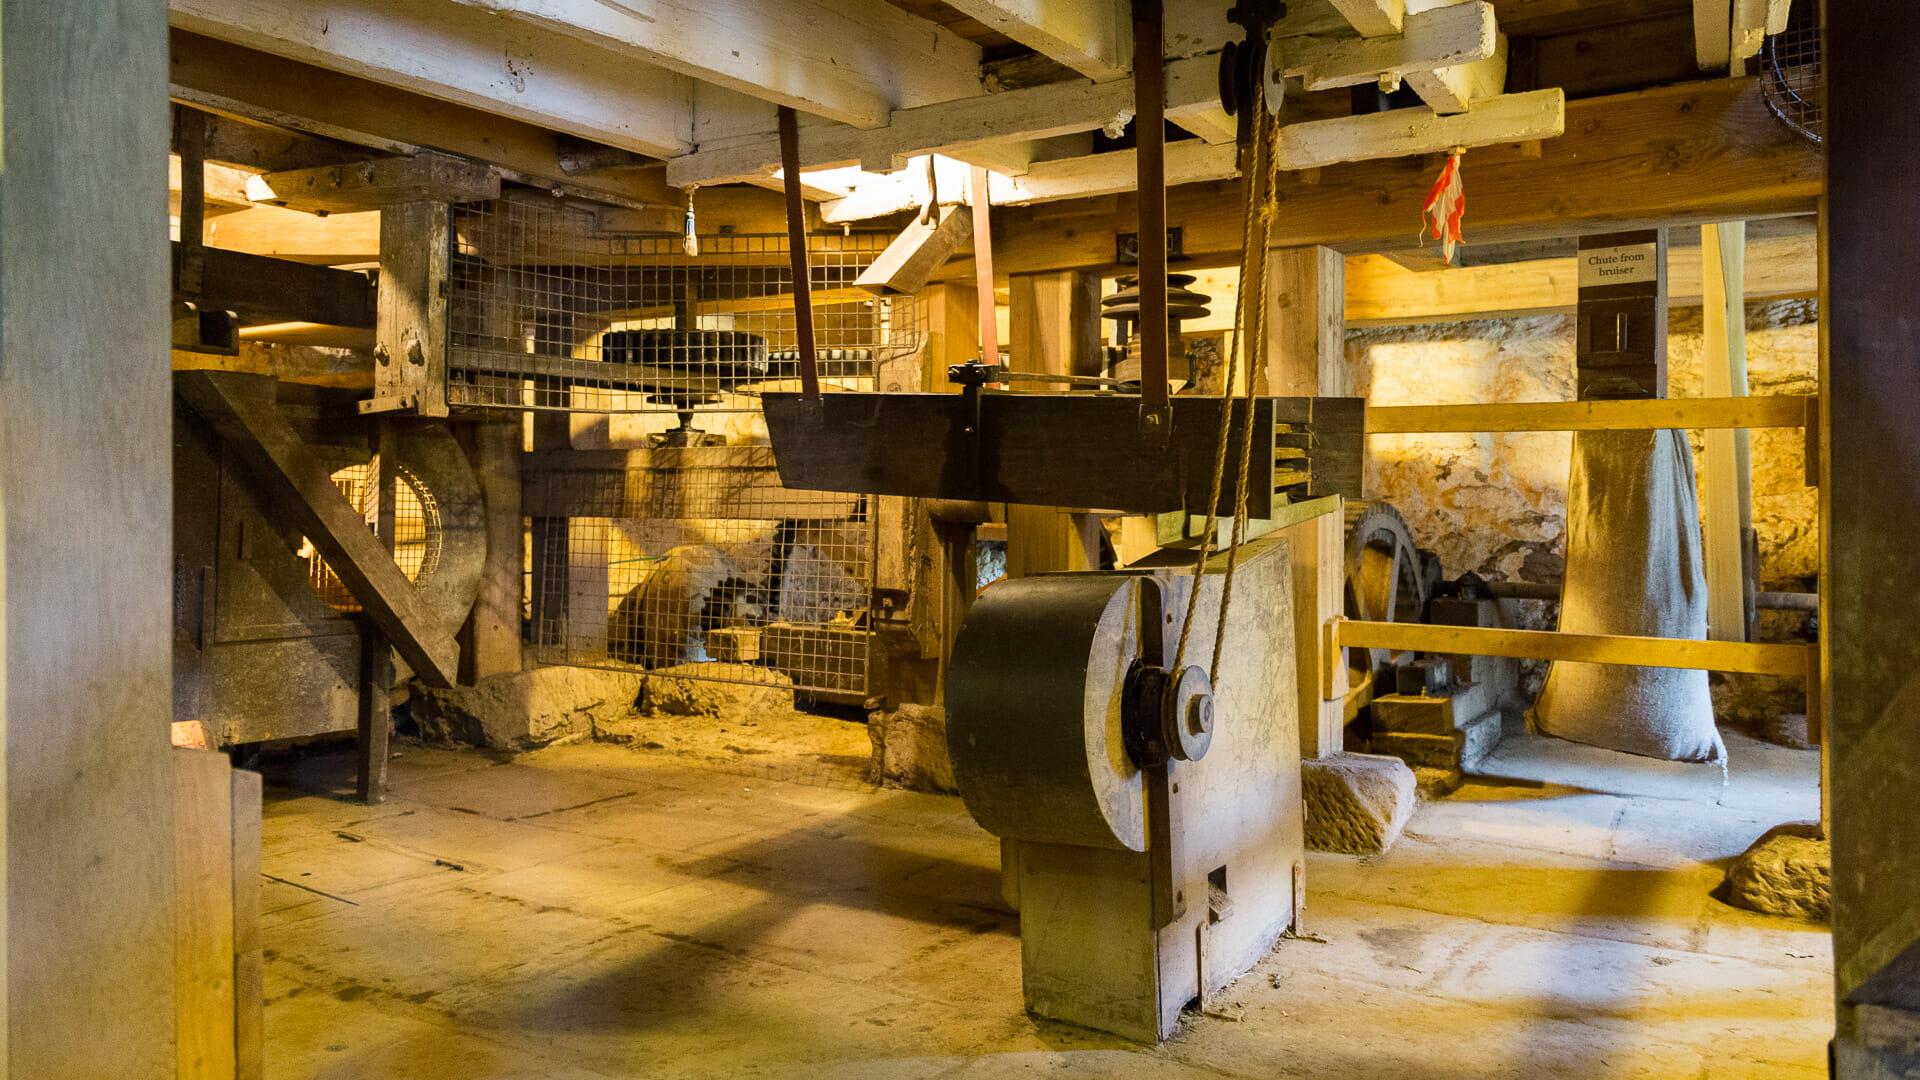 Die Mechanik im Inneren der Mühle stammen aus dem 10. oder 20. Jahrhundert